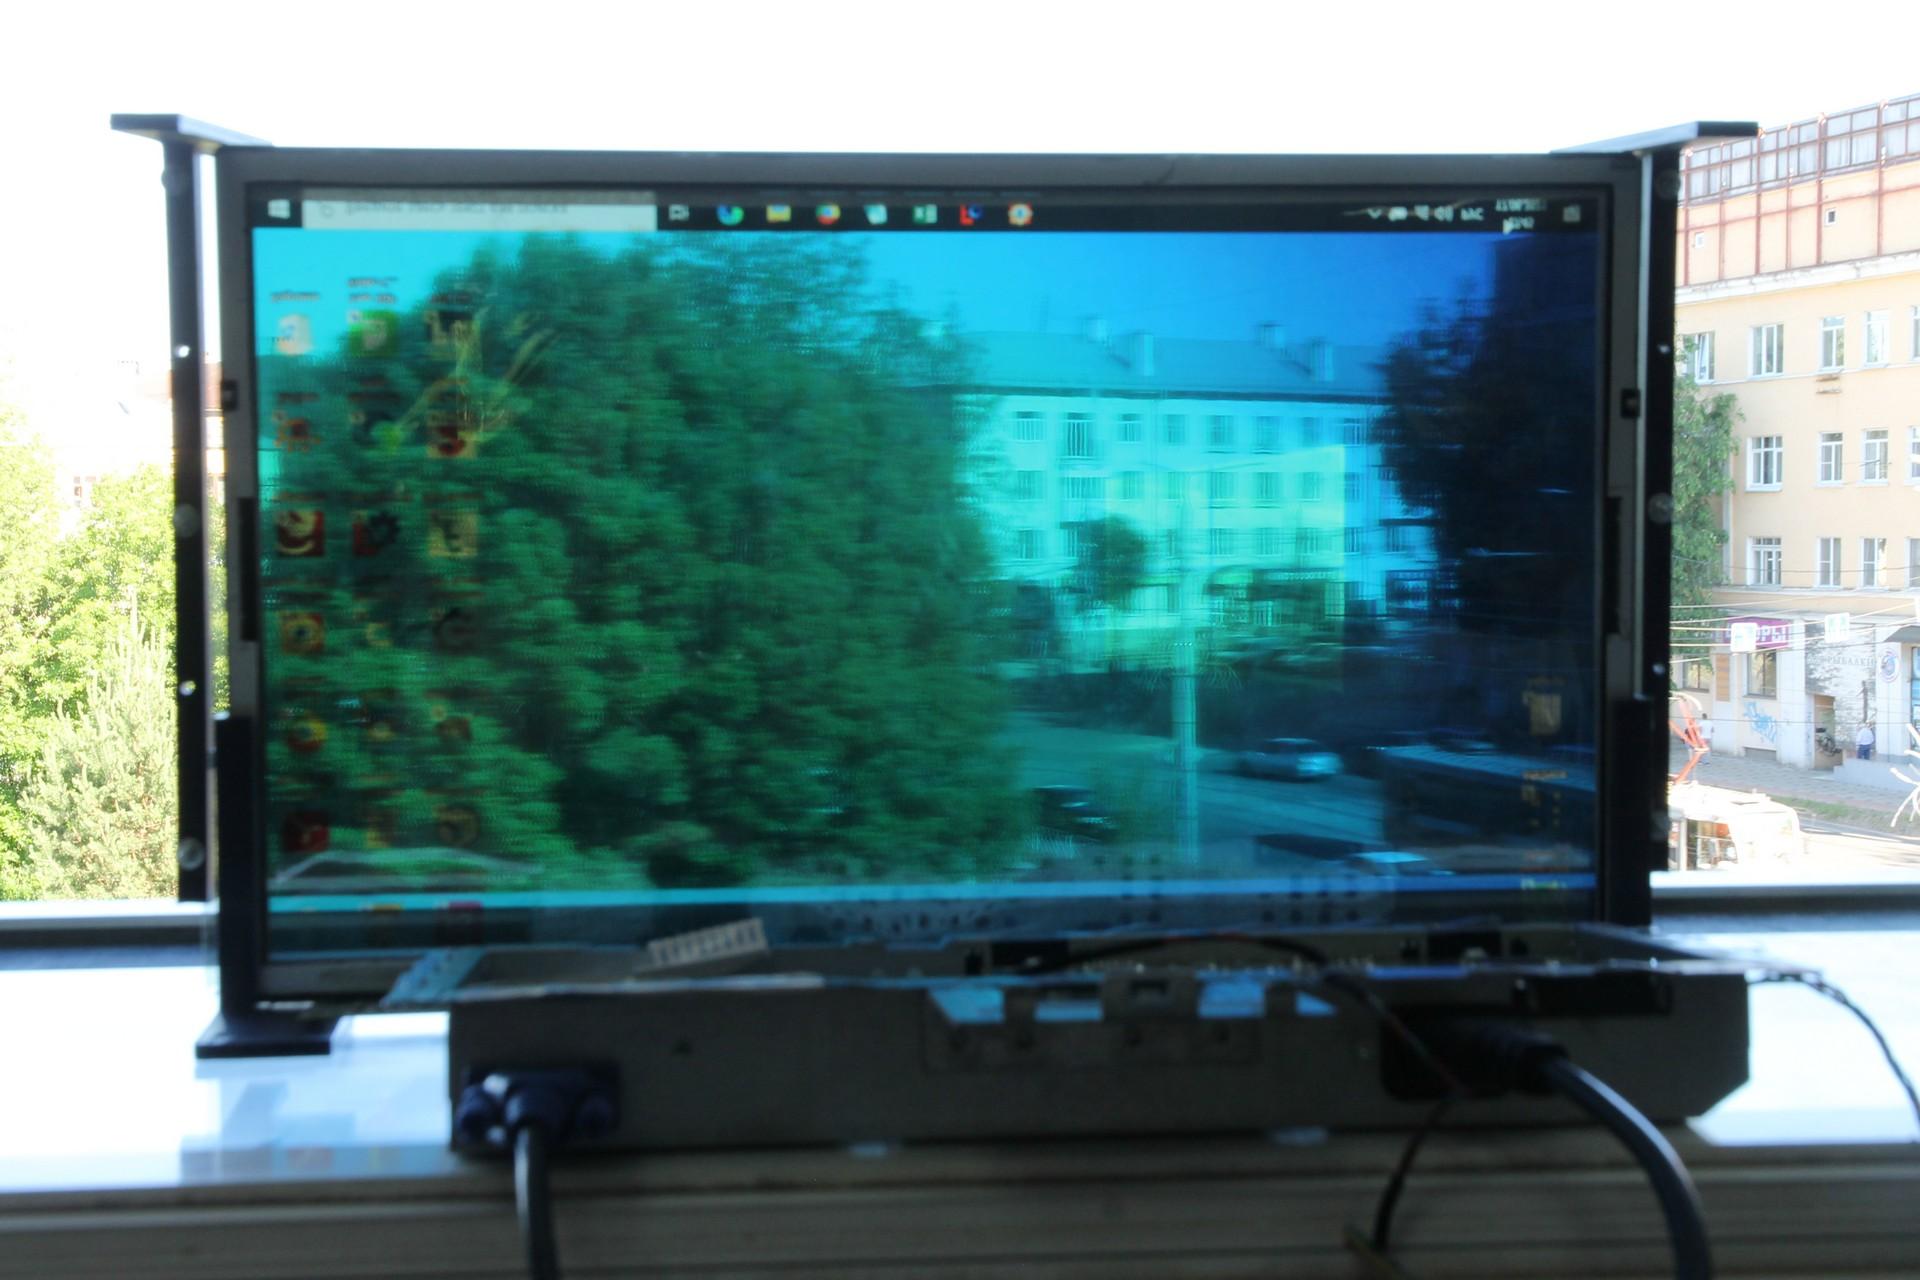 Semitransparent LCD TFT screen